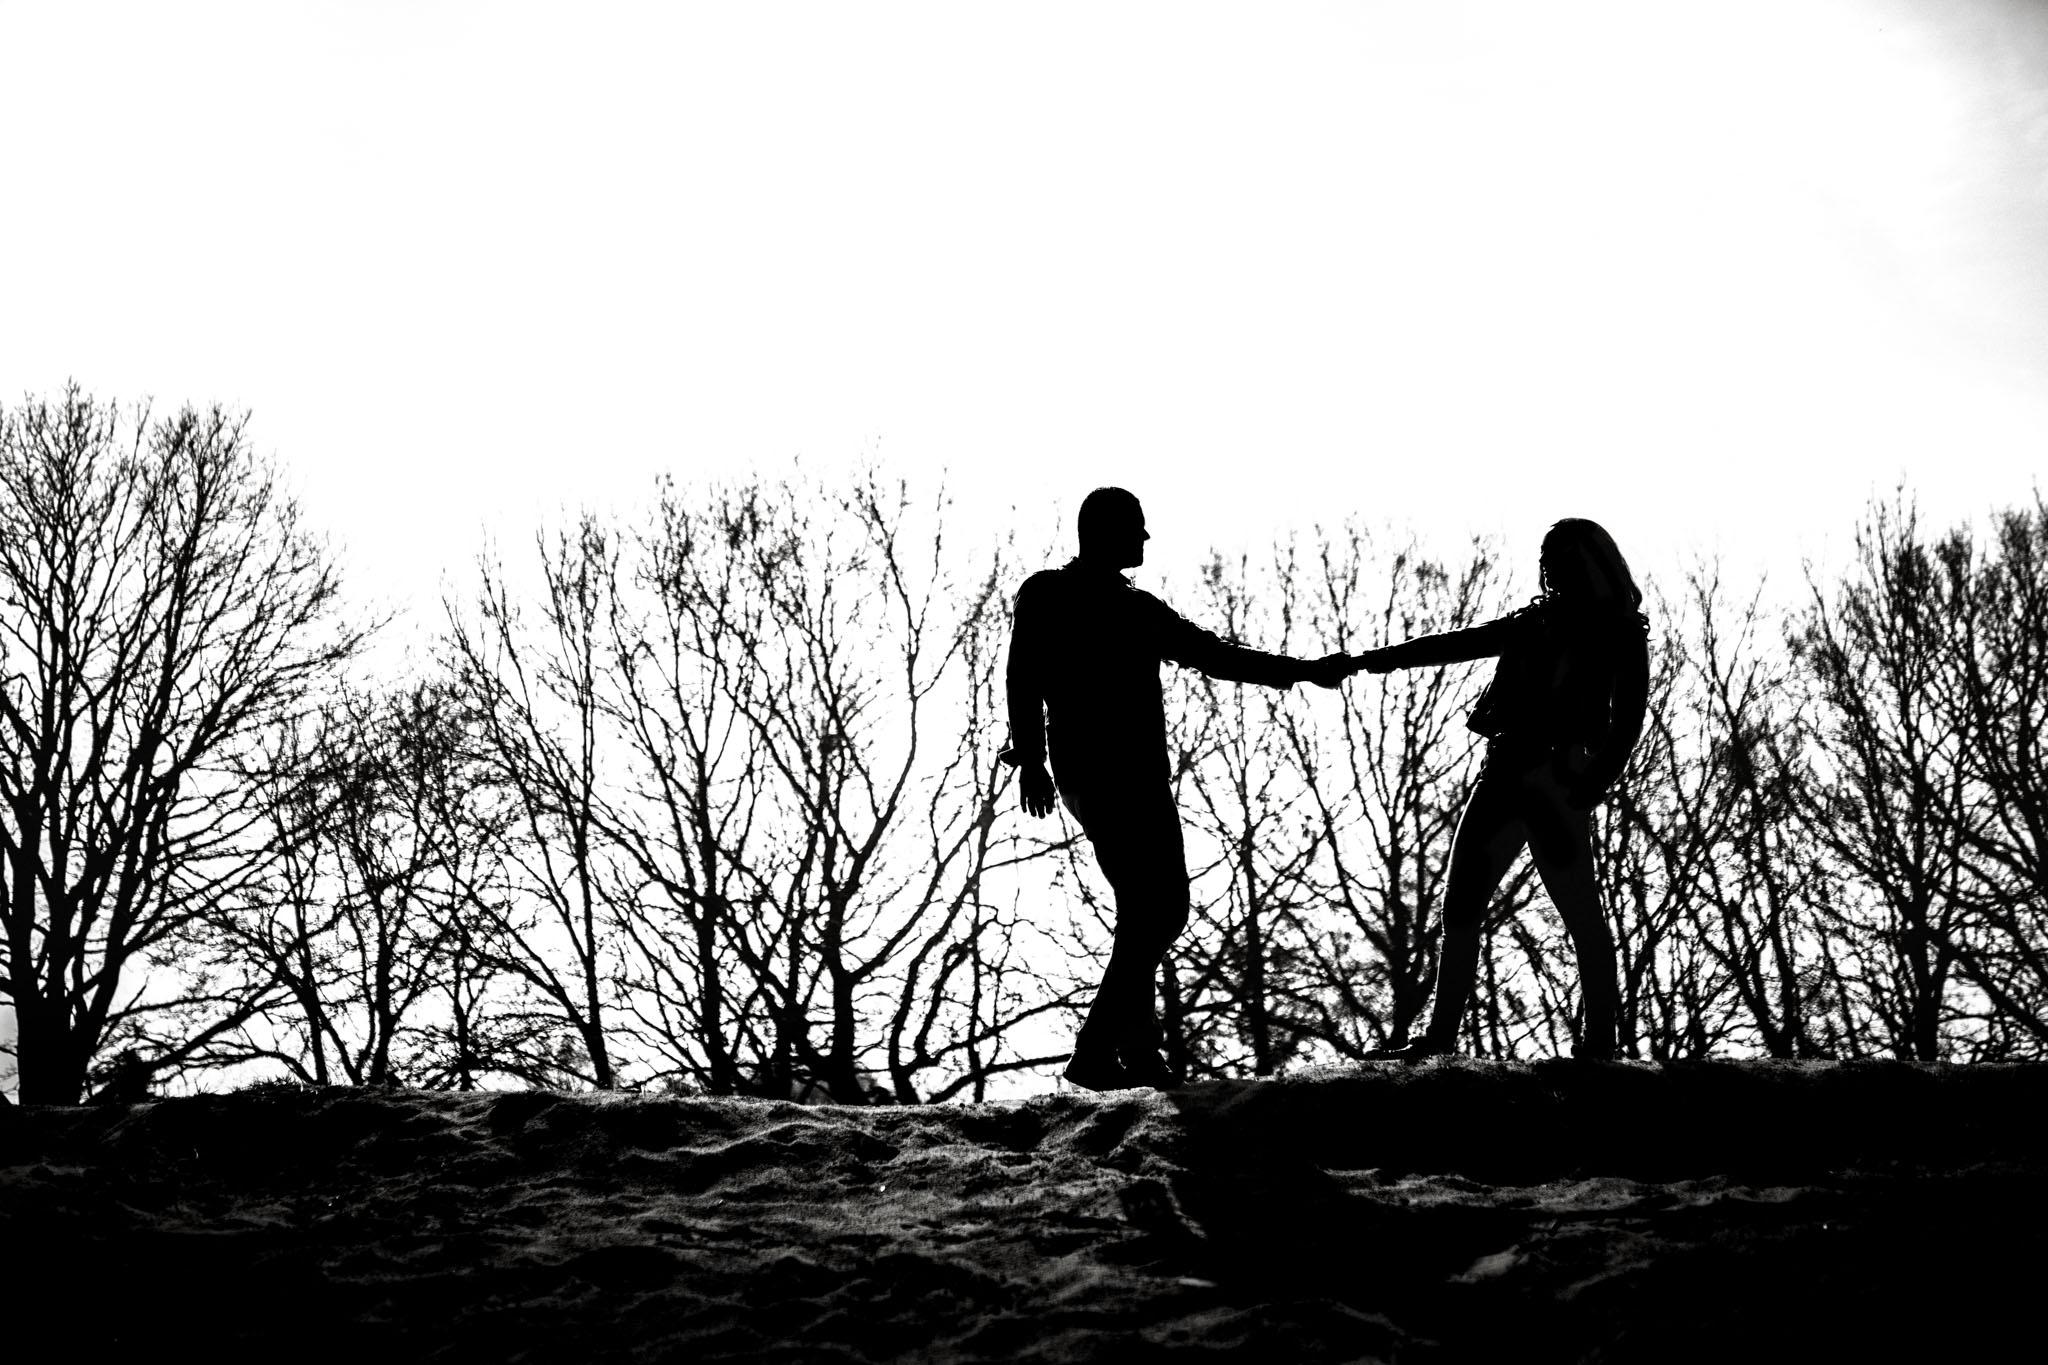 Hochzeitsfieber by Photo-Schomburg, Sven Schomburg Hochzeitsfotografie, Engagementshooting, Coupleshoot, Pärchenshoot, Boberger Dünen-7